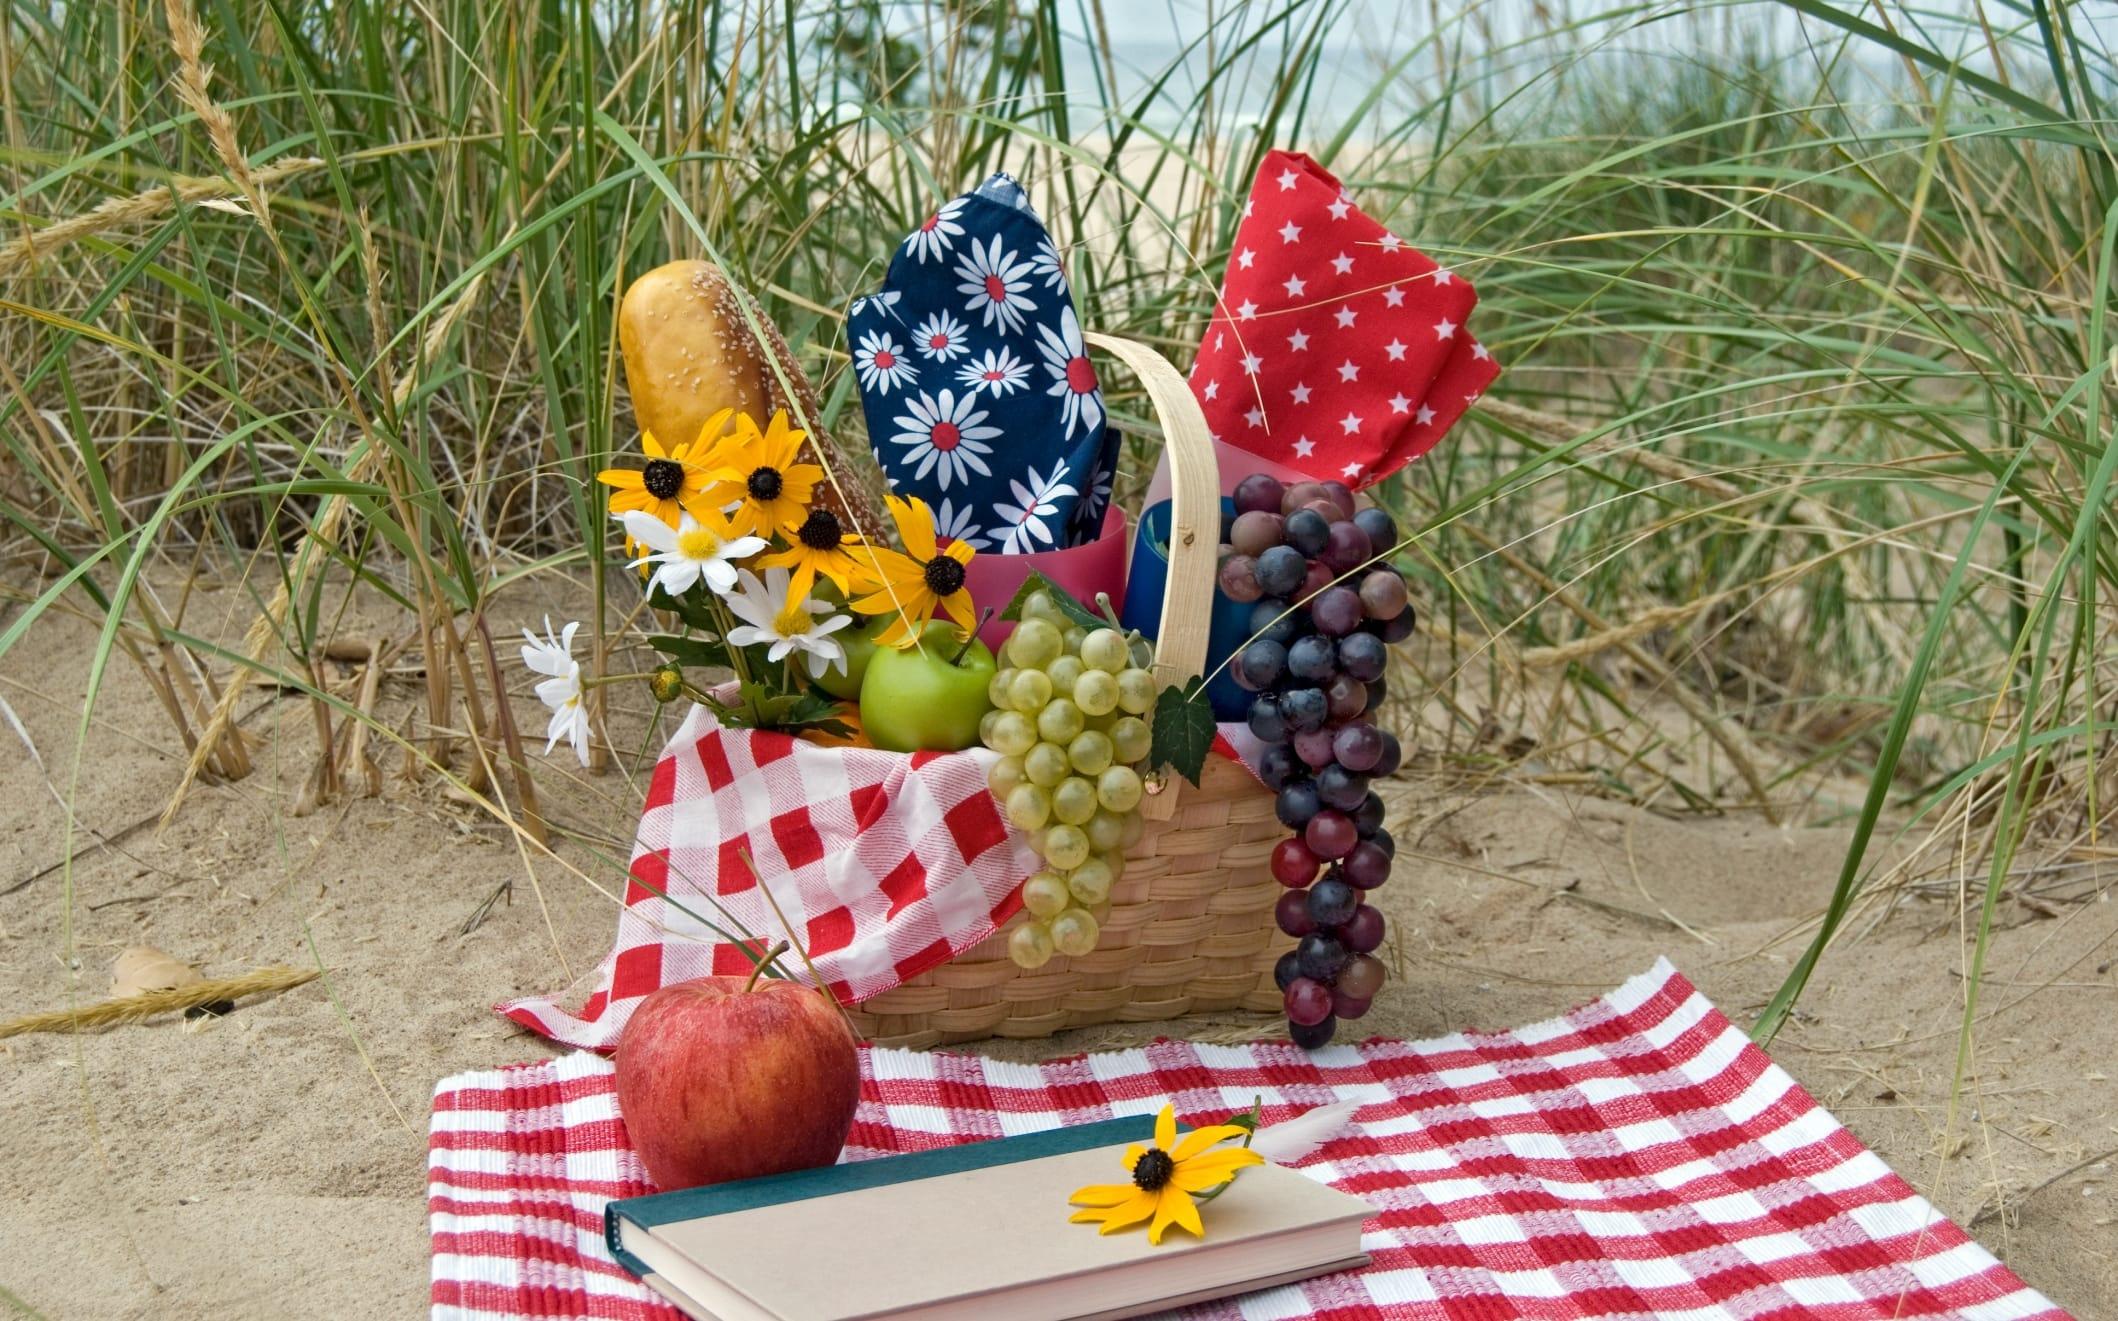 Cosa mangiare in spiaggia: tante idee e consigli per il pranzo al mare